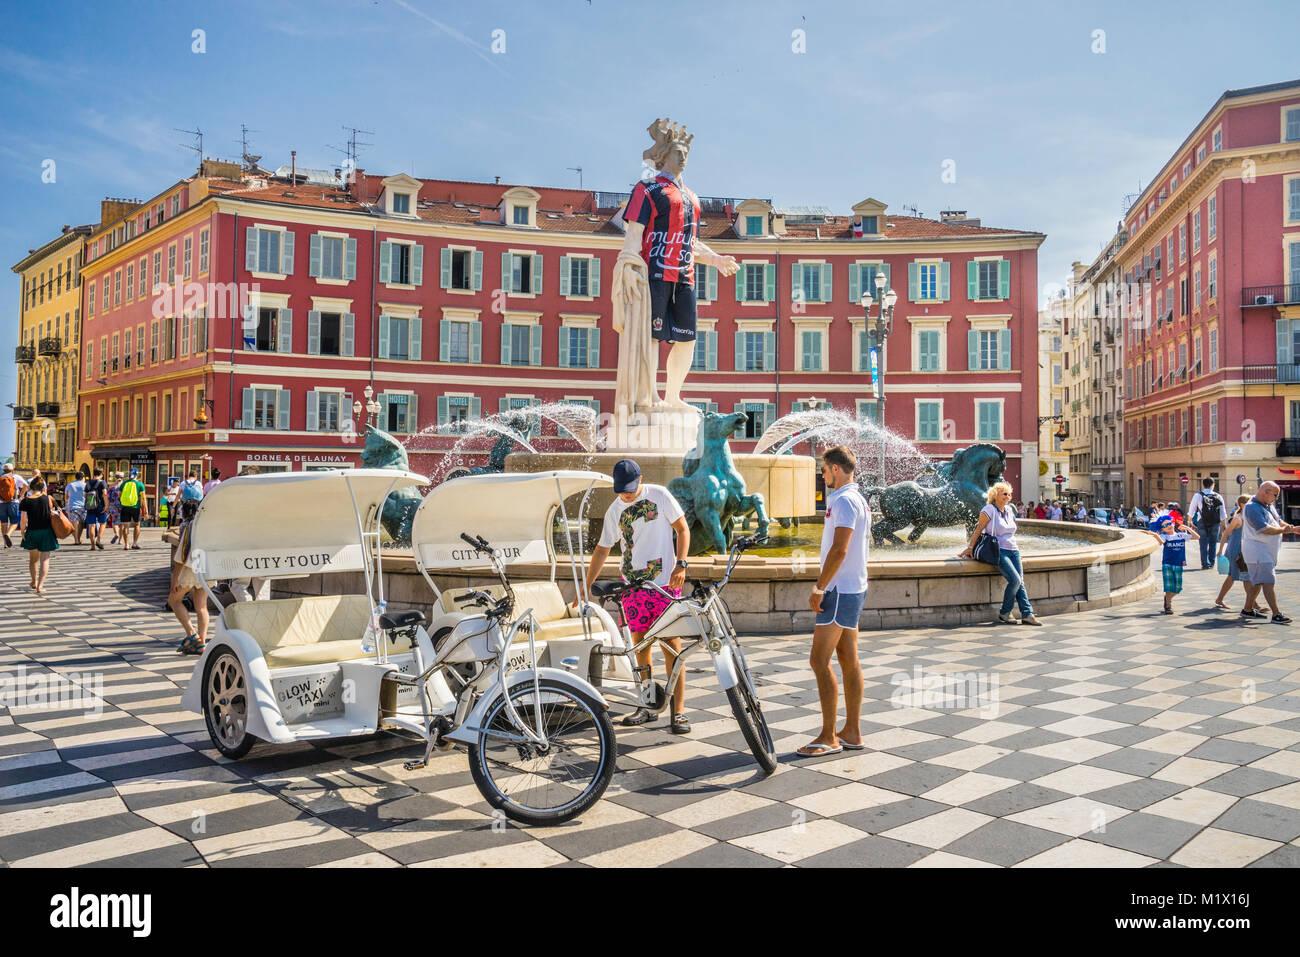 France, Alpes-Maritimes department, Côte d'Azur, Nice, Fontaine du Soleil on Place Masséna. The Apollo - Stock Image